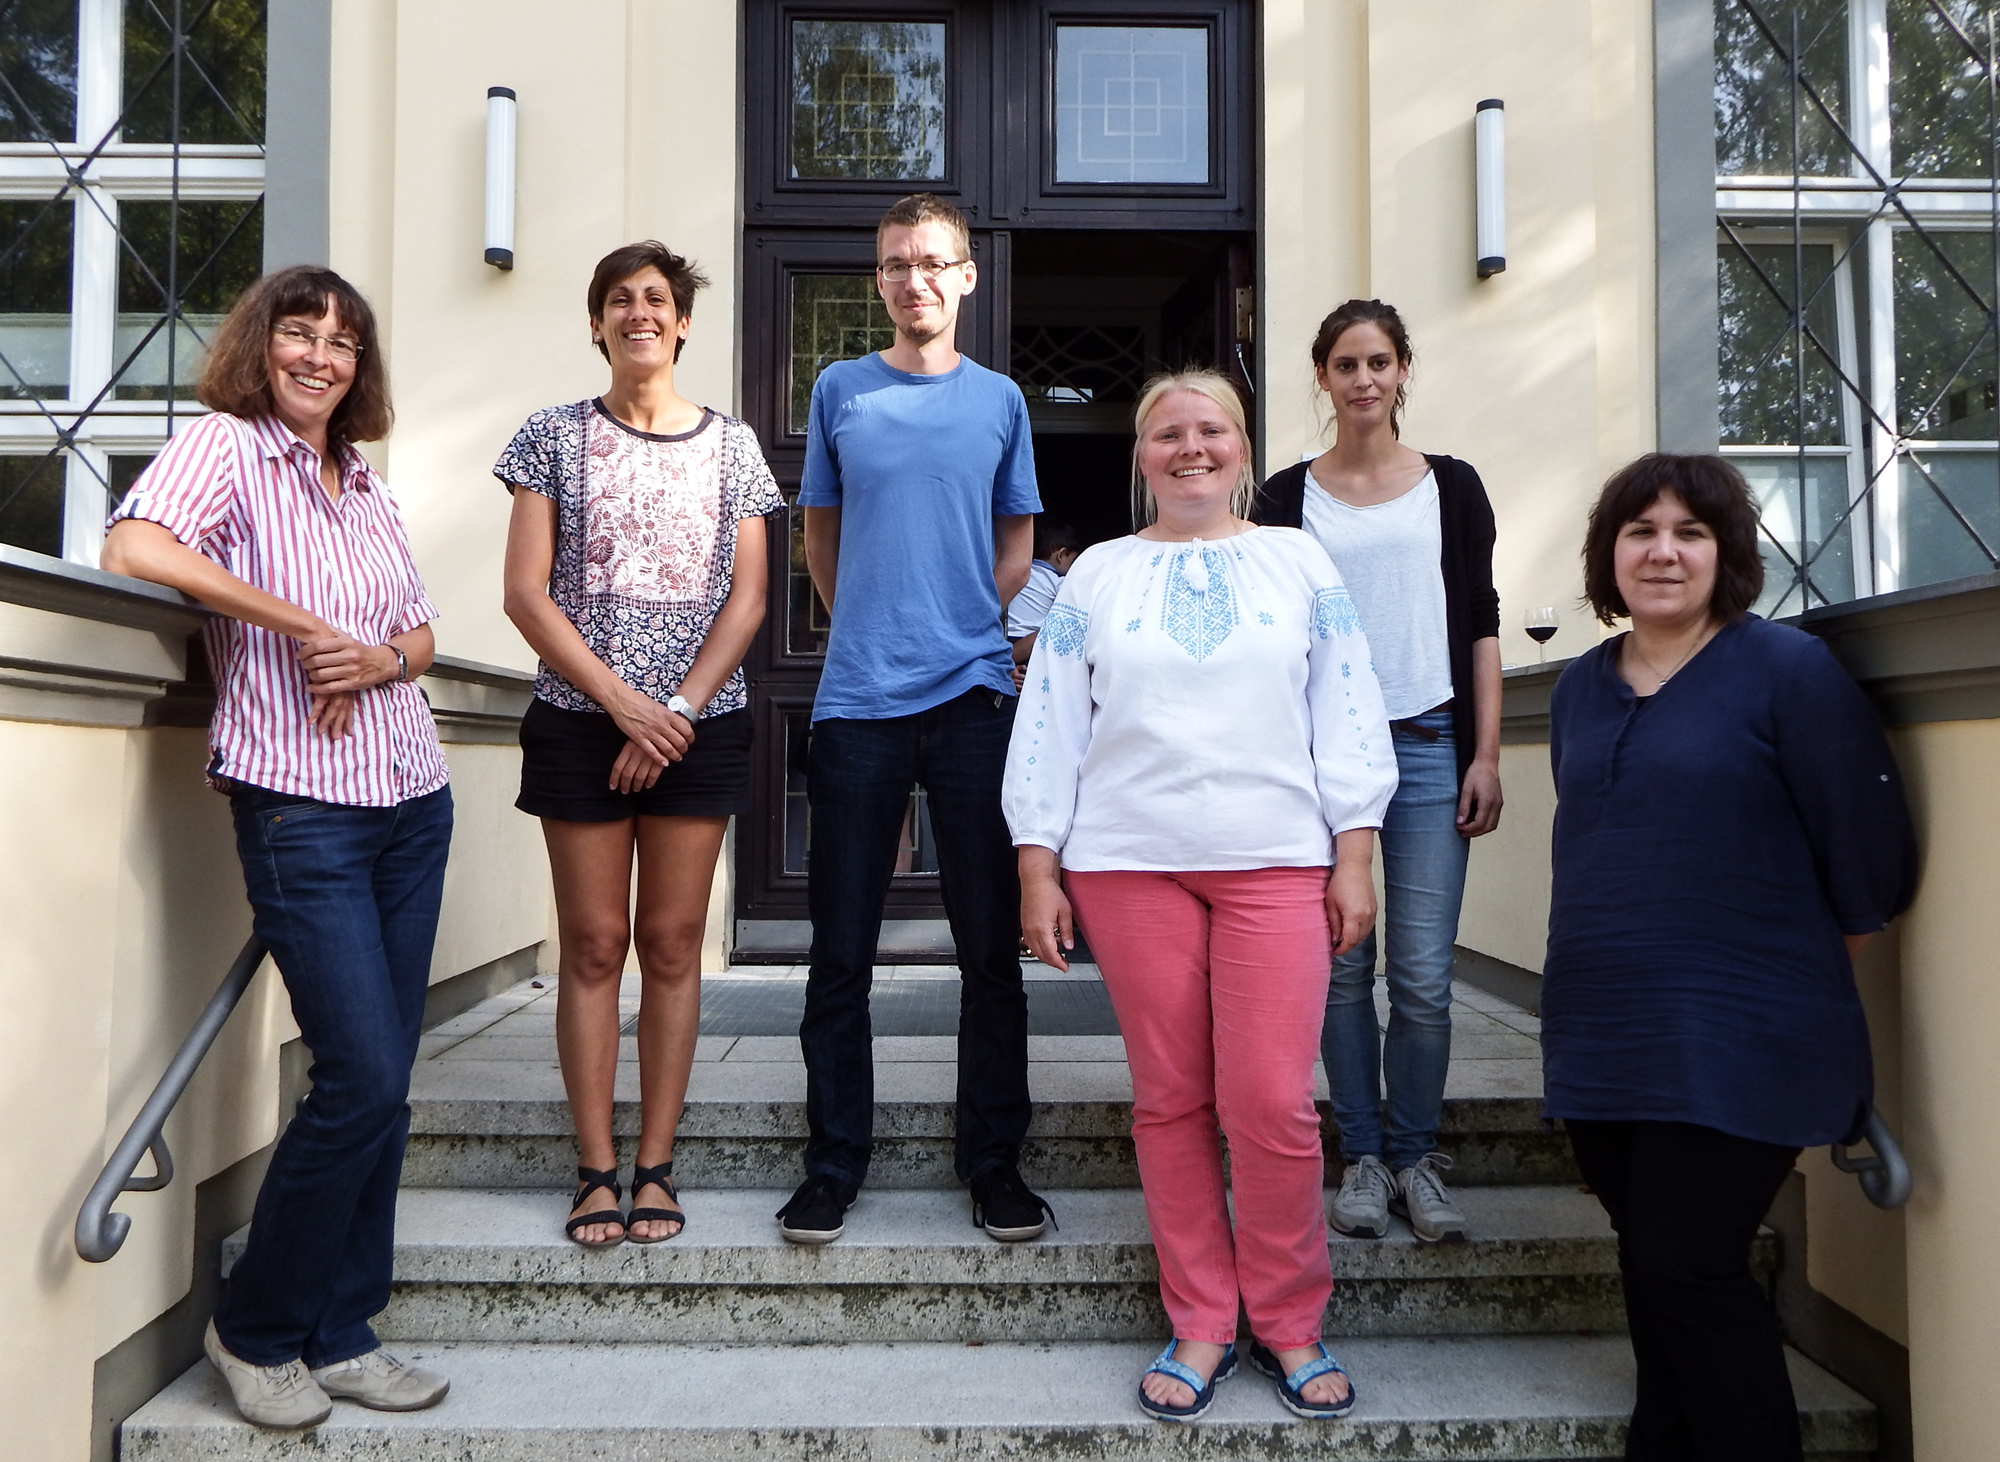 Organsiert wurde die Summer School 2016 von Elke Kaiser, Christina Michel, Martin Riesenberg, Natalia Chub, Ricarda Braun und Andrea-Fleur Schweigart | Foto: Berliner Antike-Kolleg